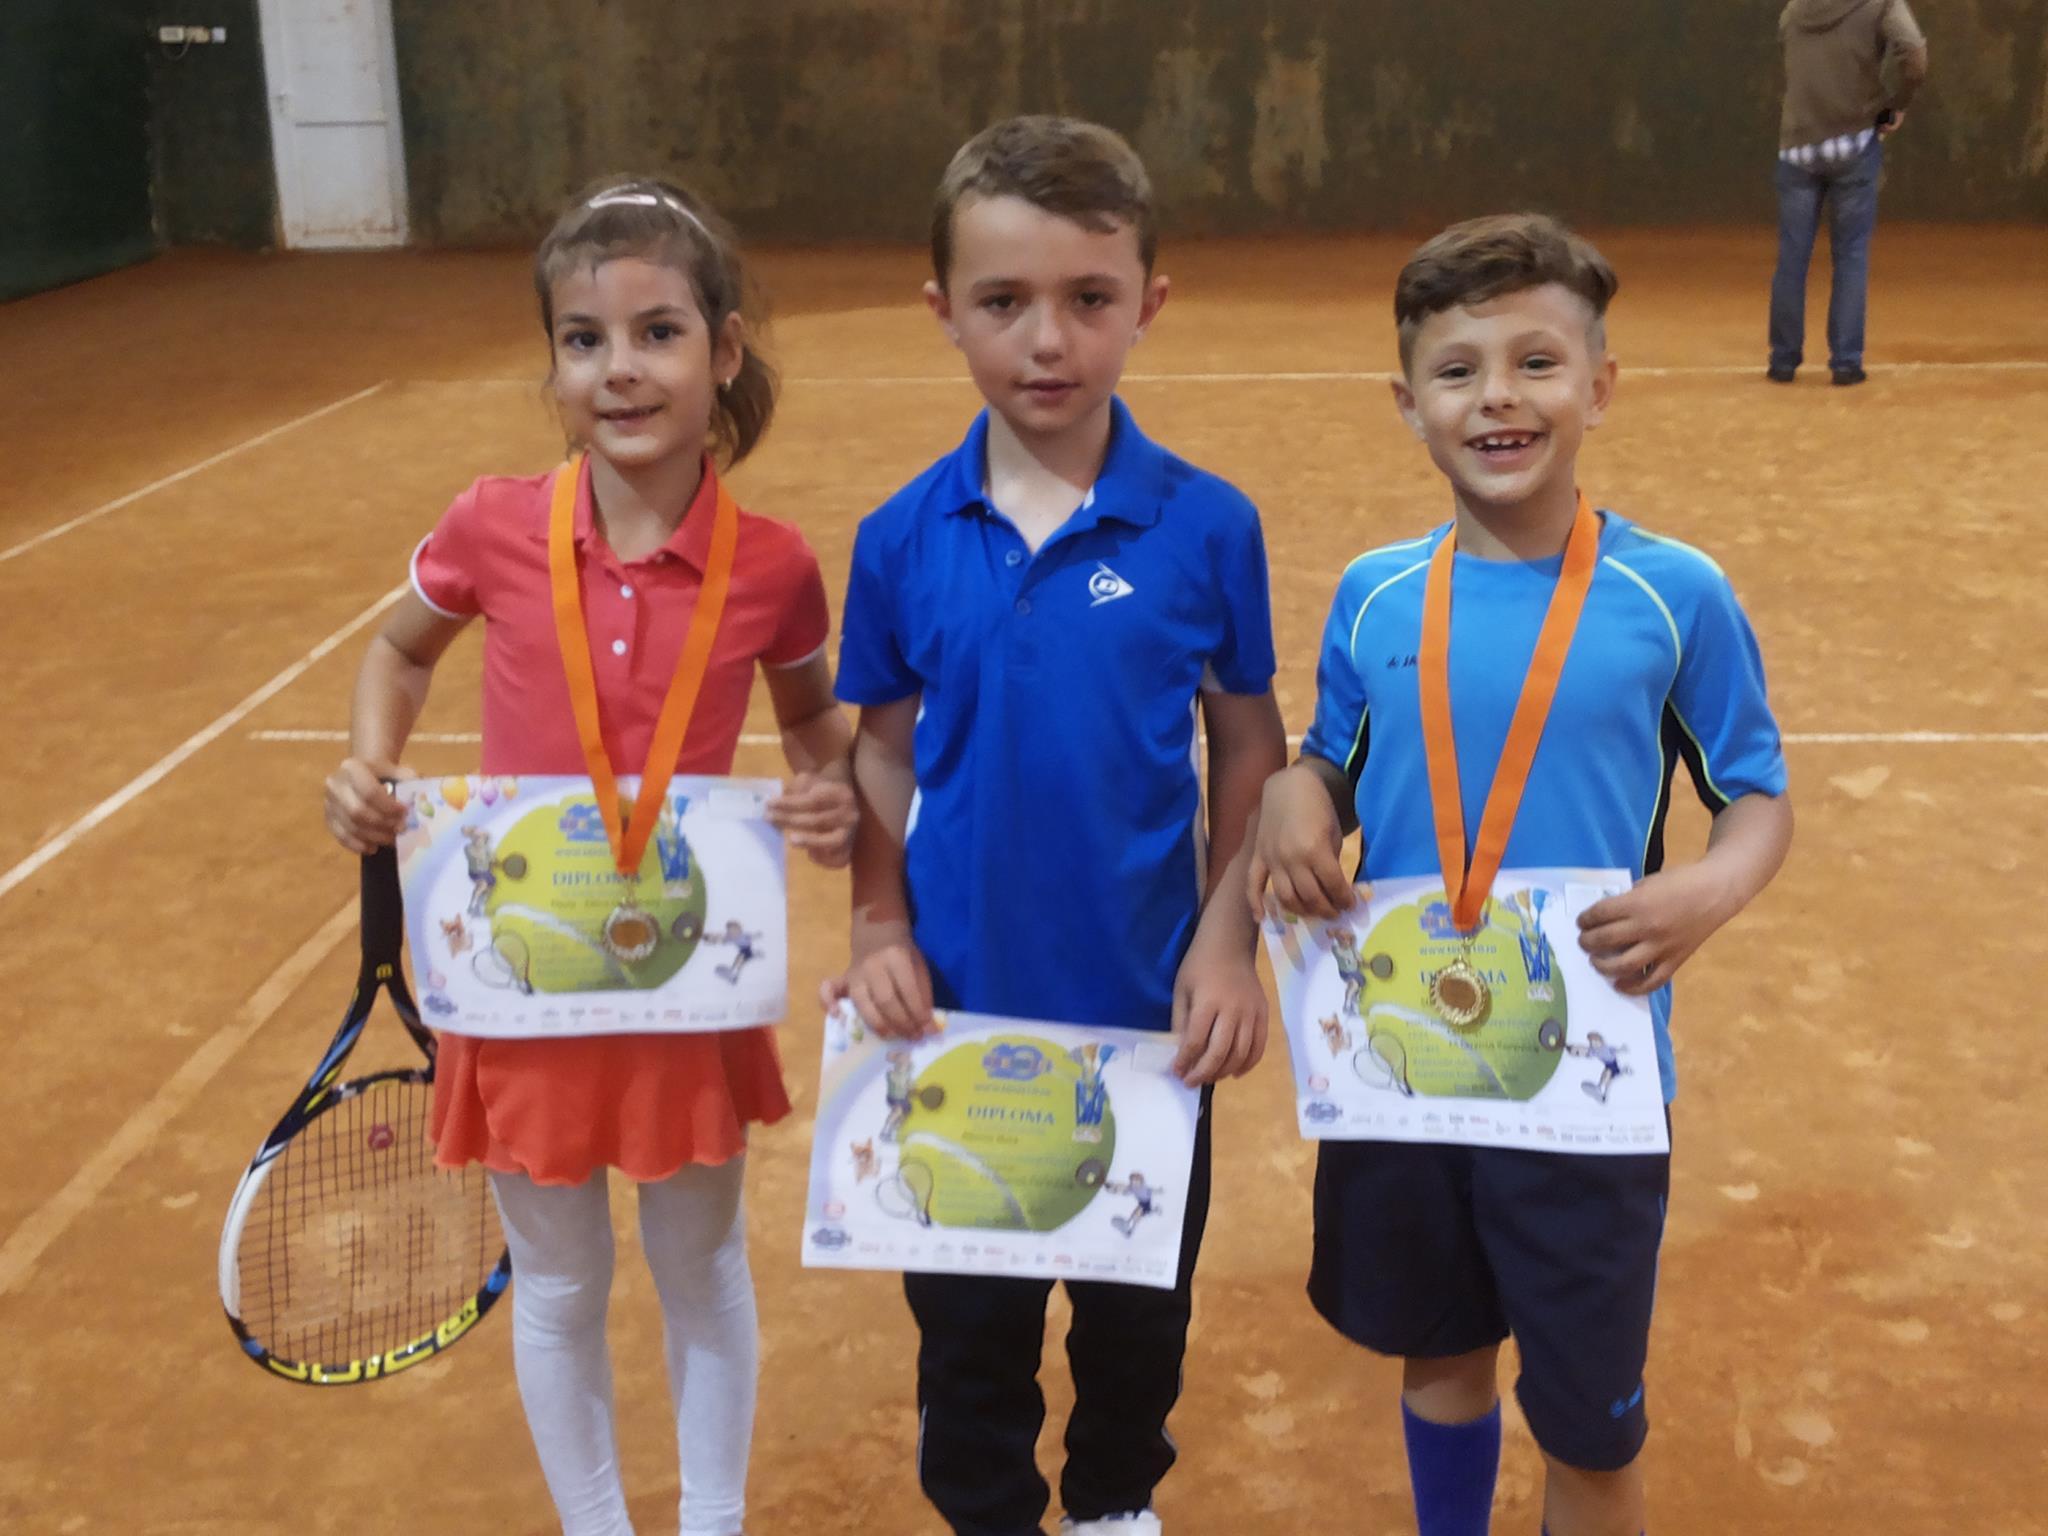 Sportivii din Mioveni, medaliaţi cu aur și argint la competițiile de tenis de câmp